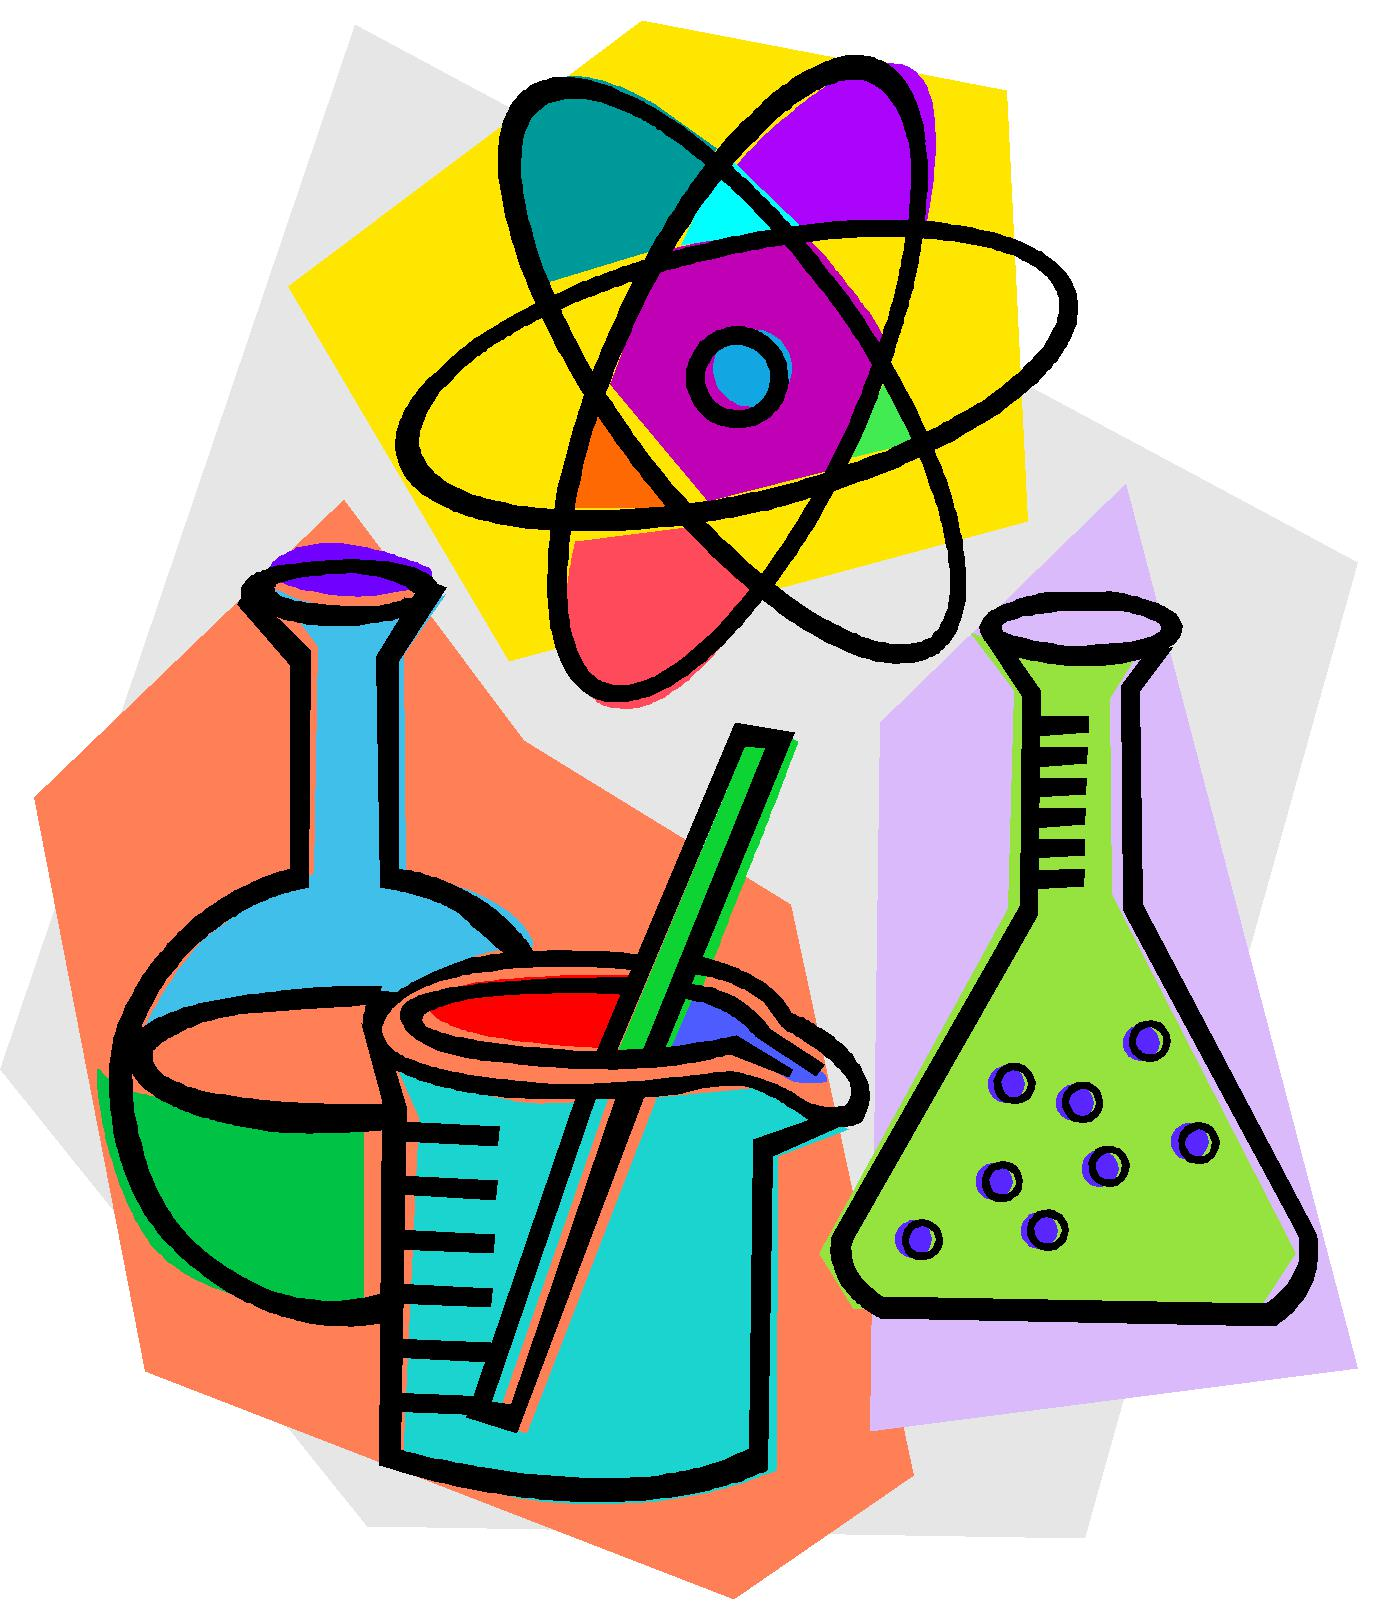 Исследование полимеров: что скажет официальный сайт